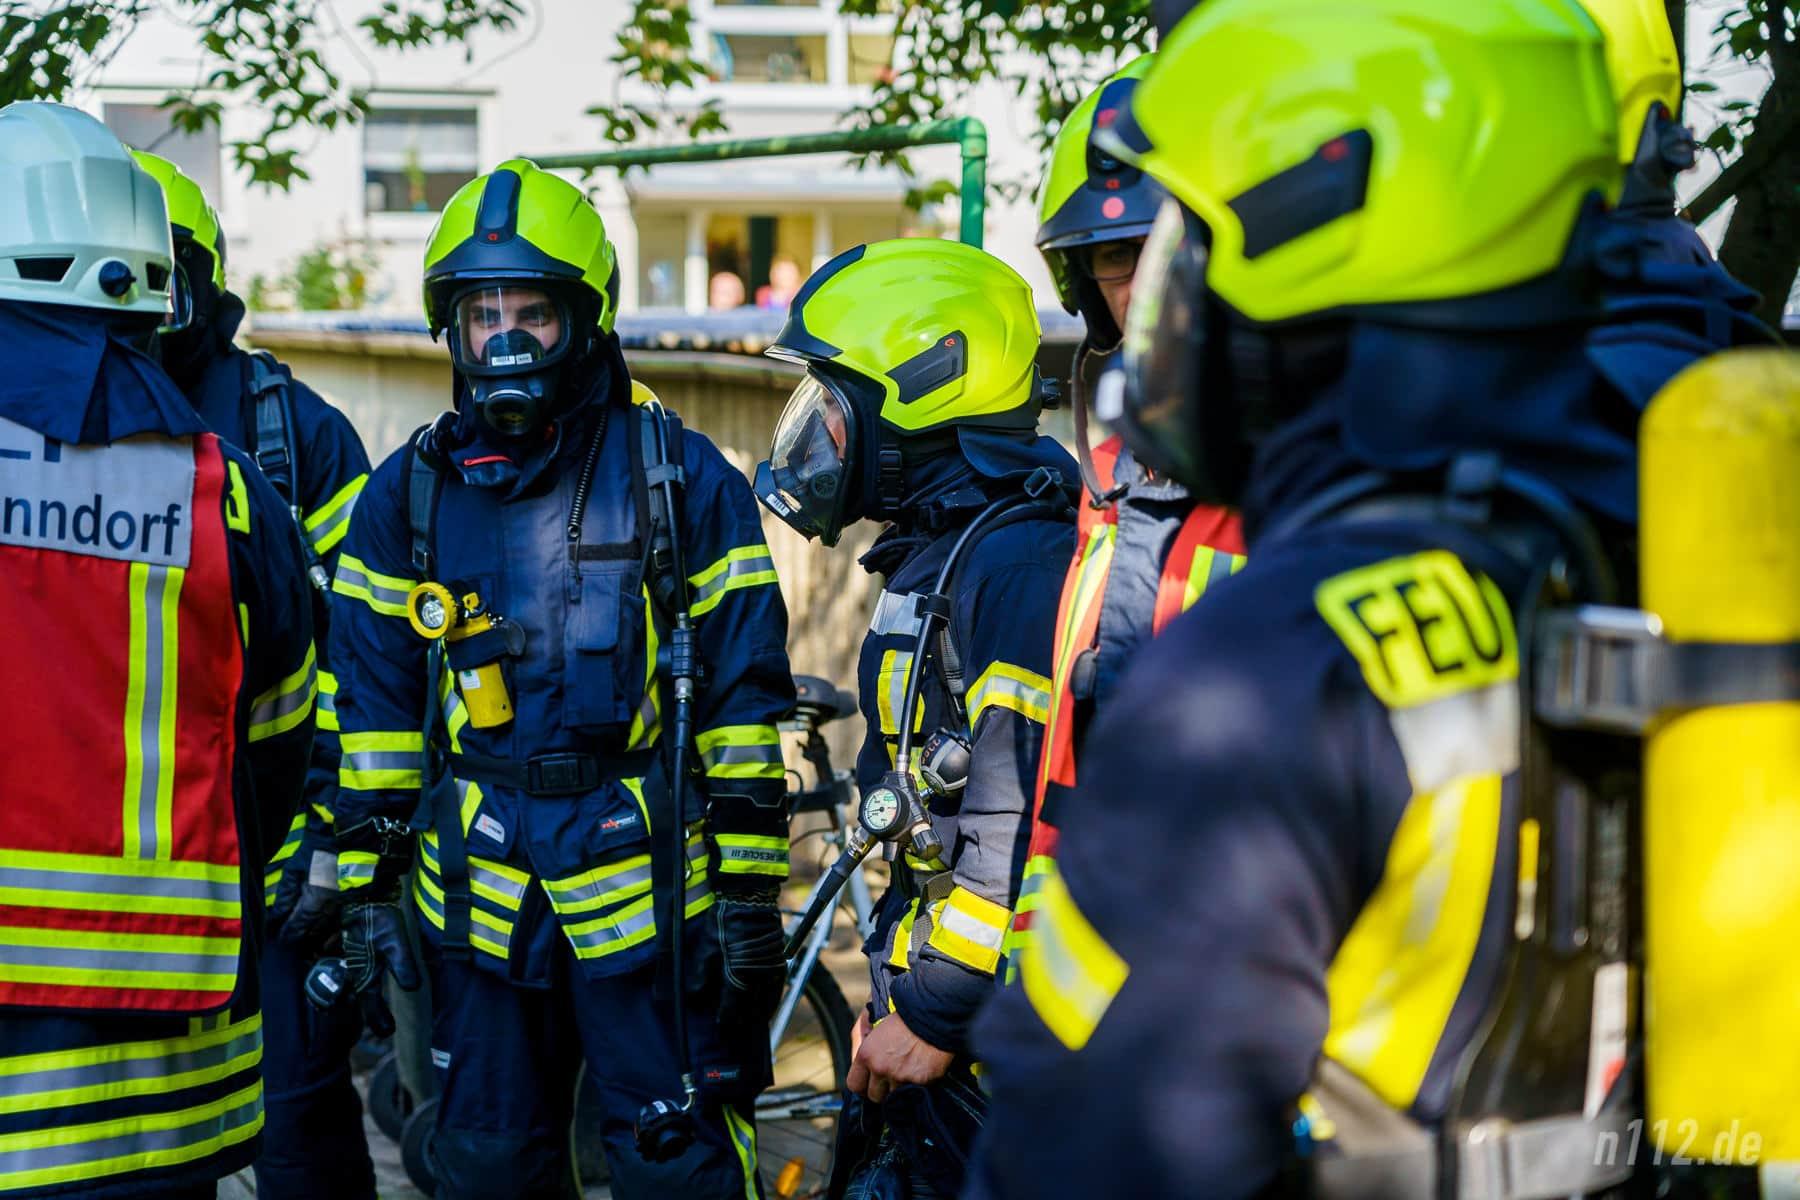 Atemschutzträger warten auf ihren Einsatz. Erst dann wird das Mundstück mit der Luftzufuhr auf die Maske gesteckt (Foto: n112.de/Stefan Simonsen)